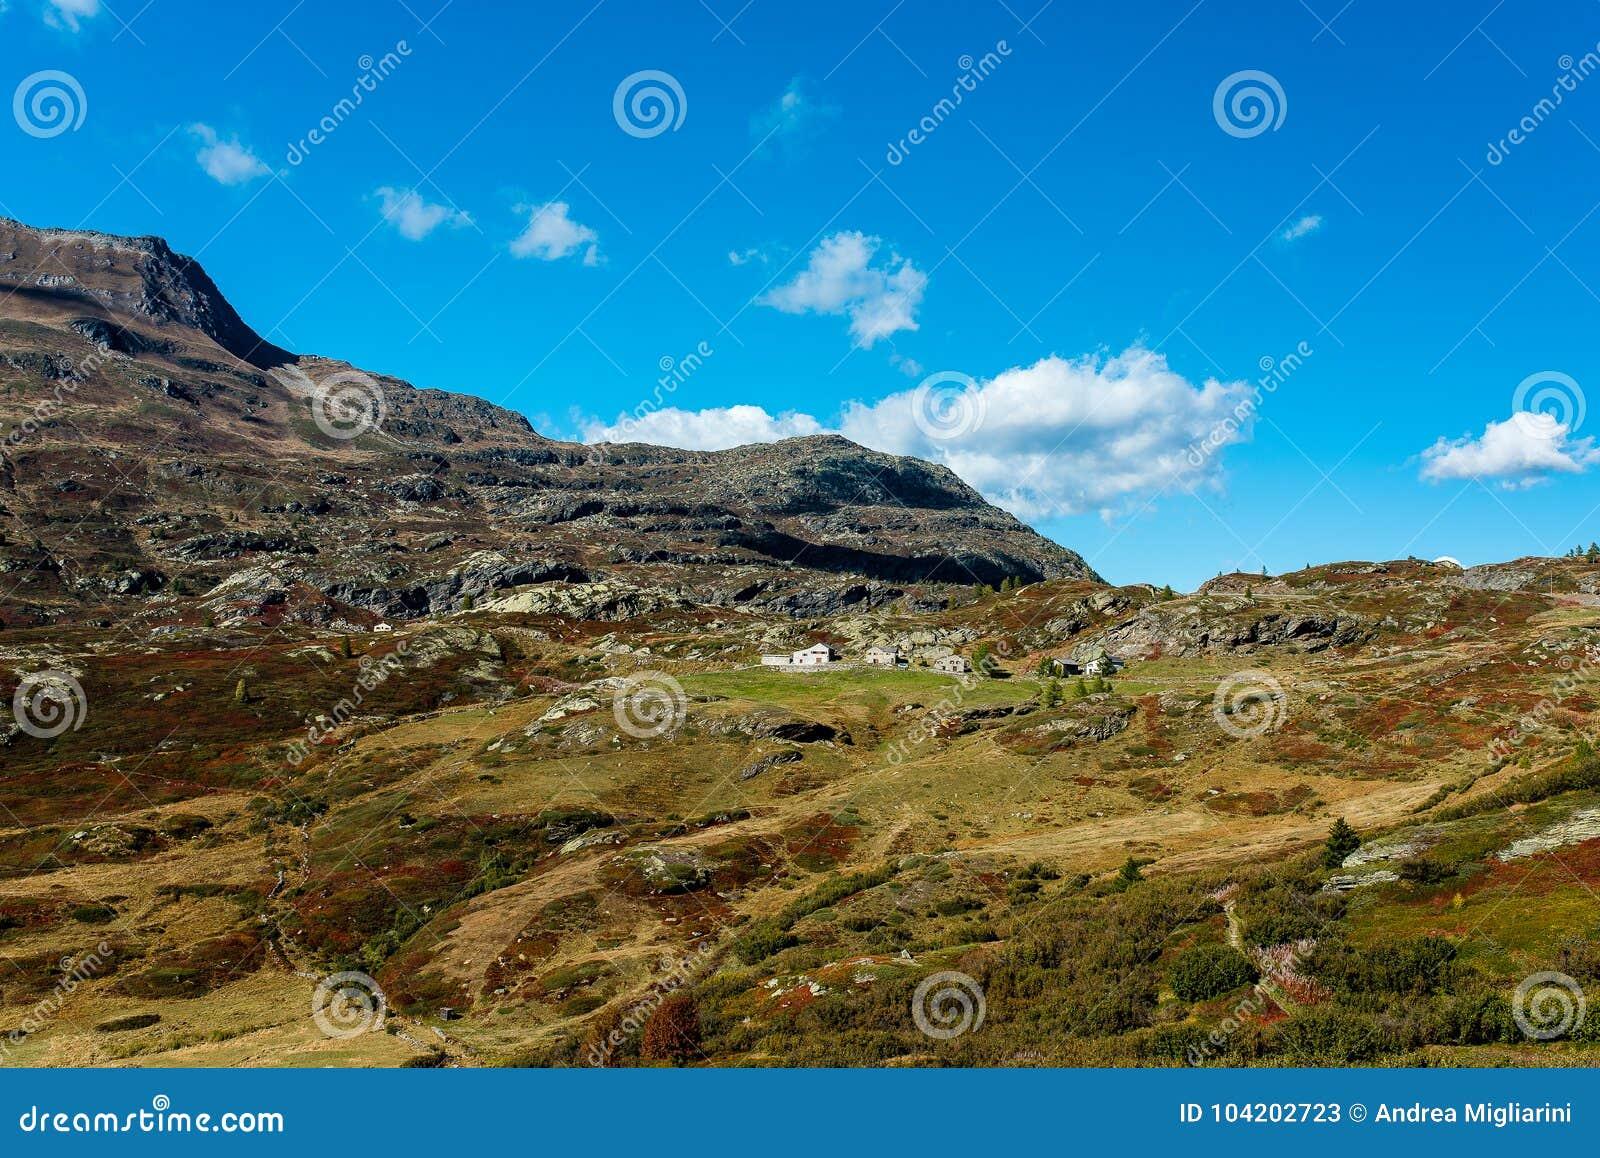 Simplon pass, alpine landscape of a mountain pass with church an